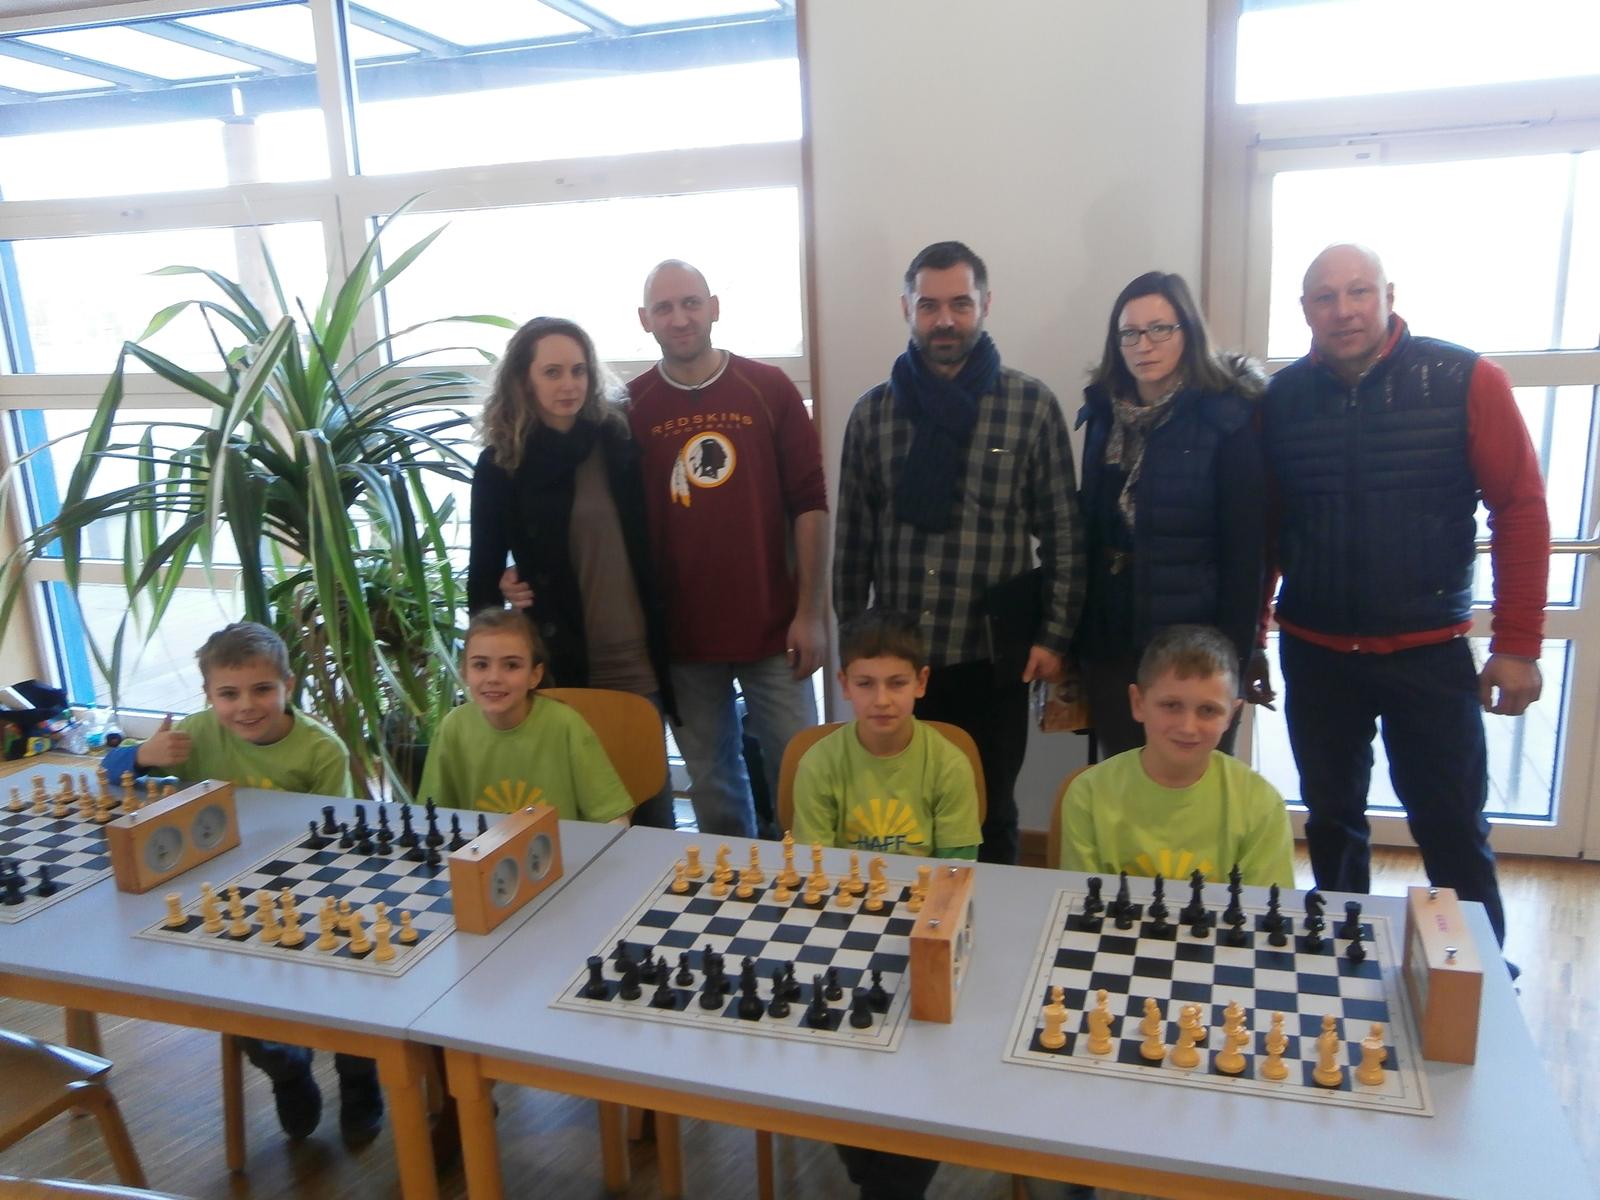 Schulschachmeisterschaften 2015 Neubrandenburg - Teil 1